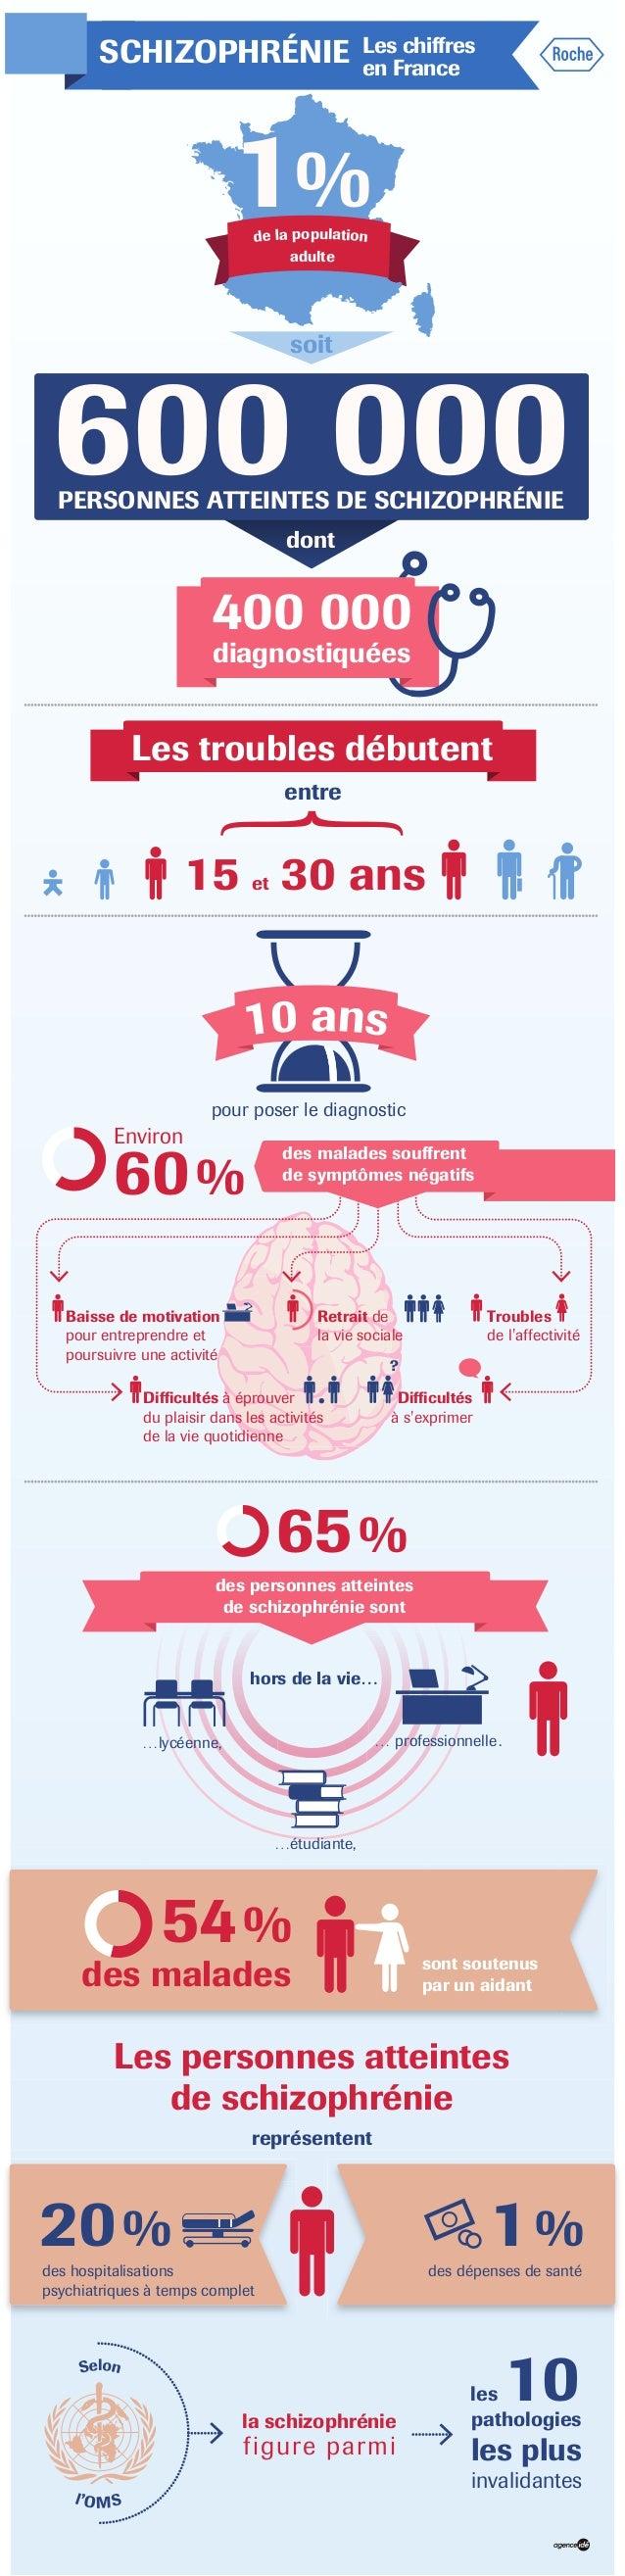 SCHIZOPHRÉNIE Les chiffres en France 60% des malades souffrent de symptômes négatifs des personnes atteintes de schizophré...